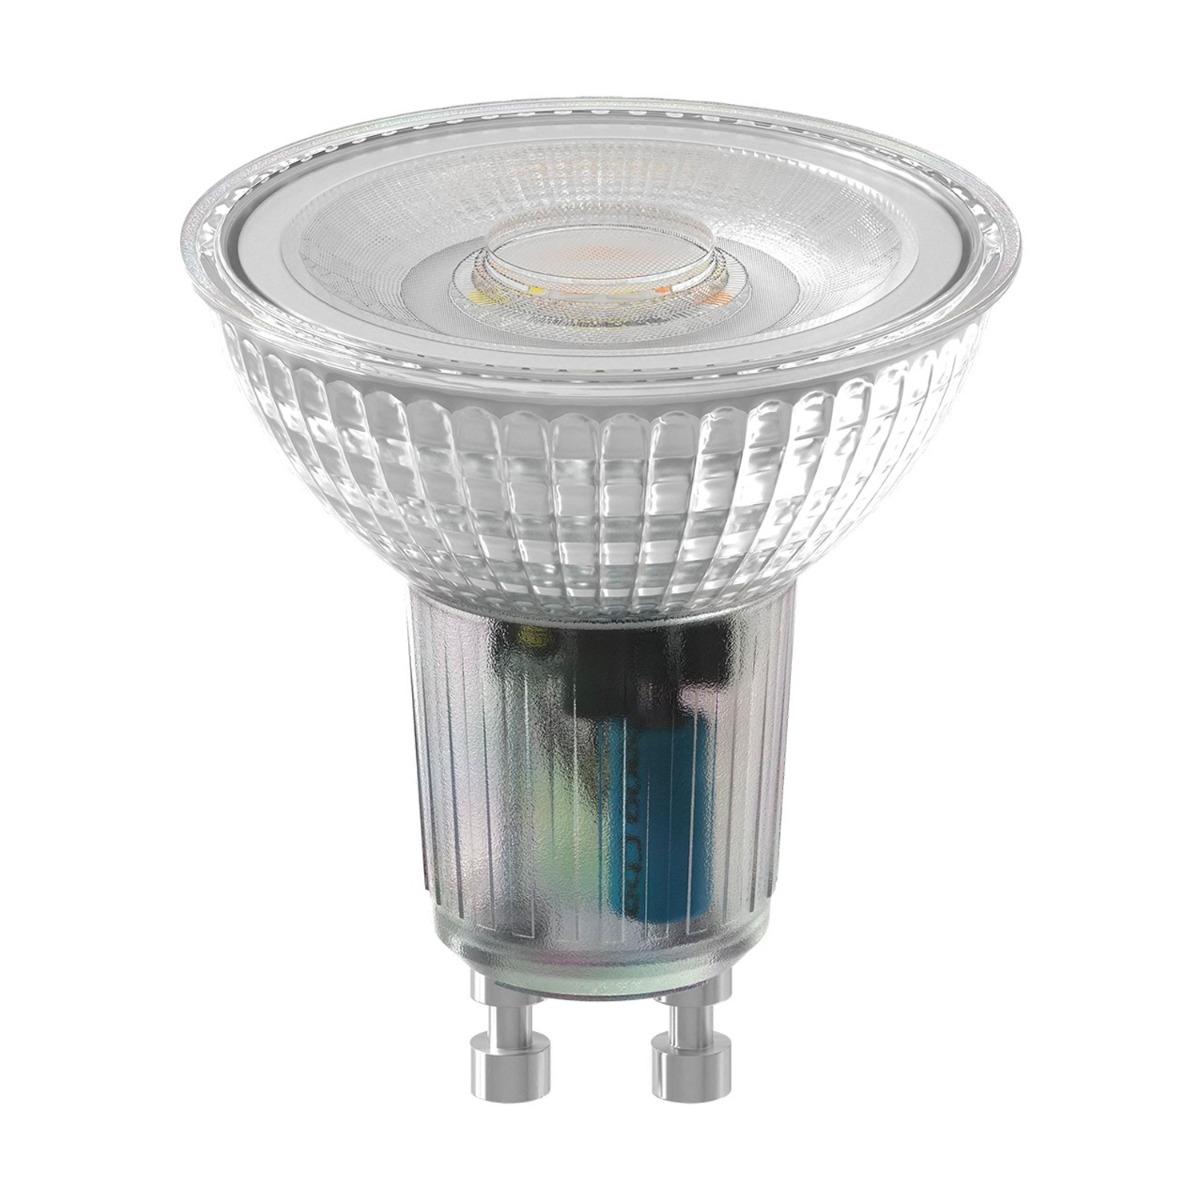 Bilde av Calex Smart Reflektor Led Spot Gu10 5w 345lm 2200-4000k | Tuya Wifi - Innstillbar Hvit